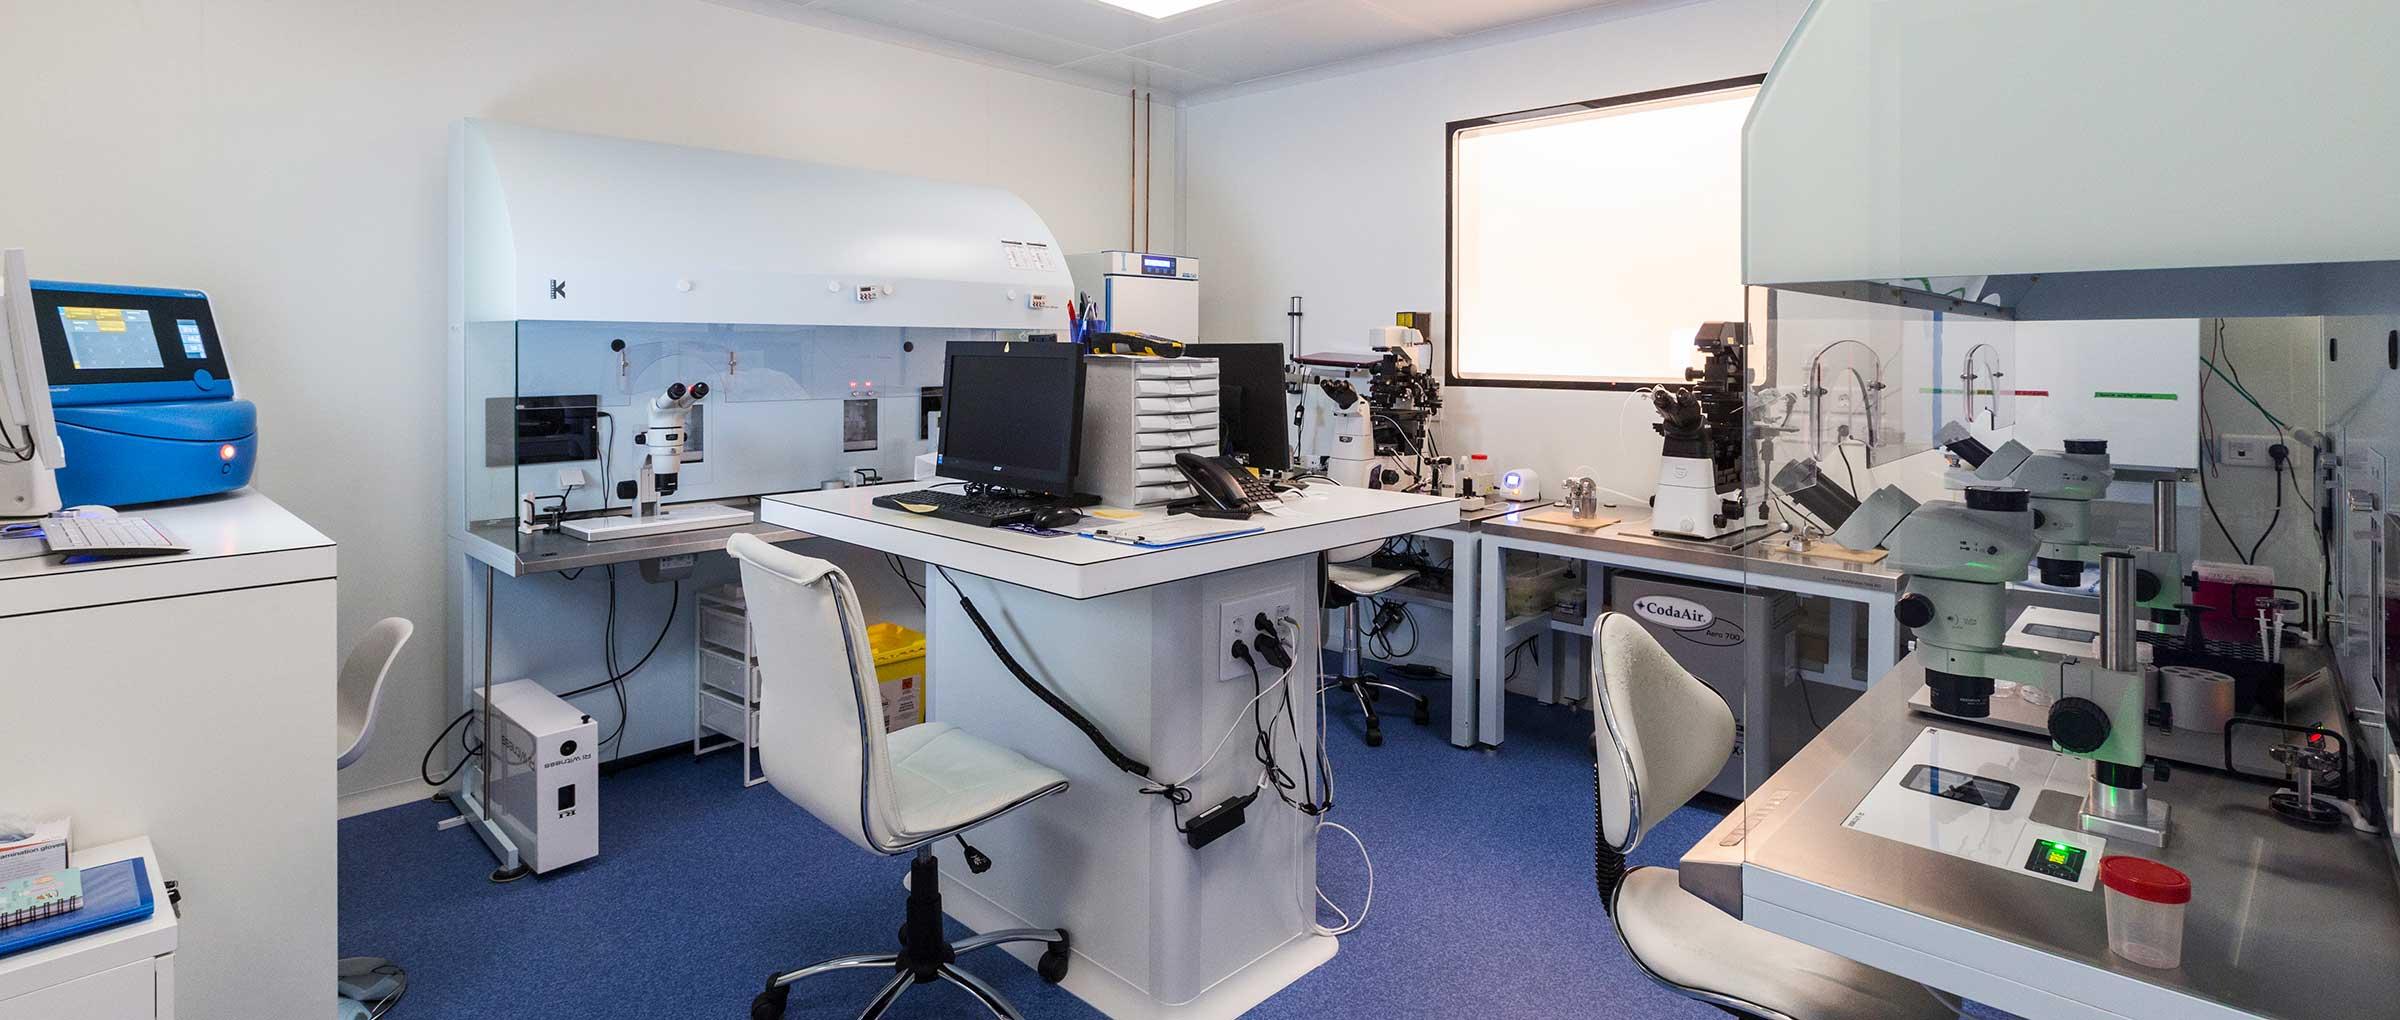 Laboratorio de Reproducción Bilbao